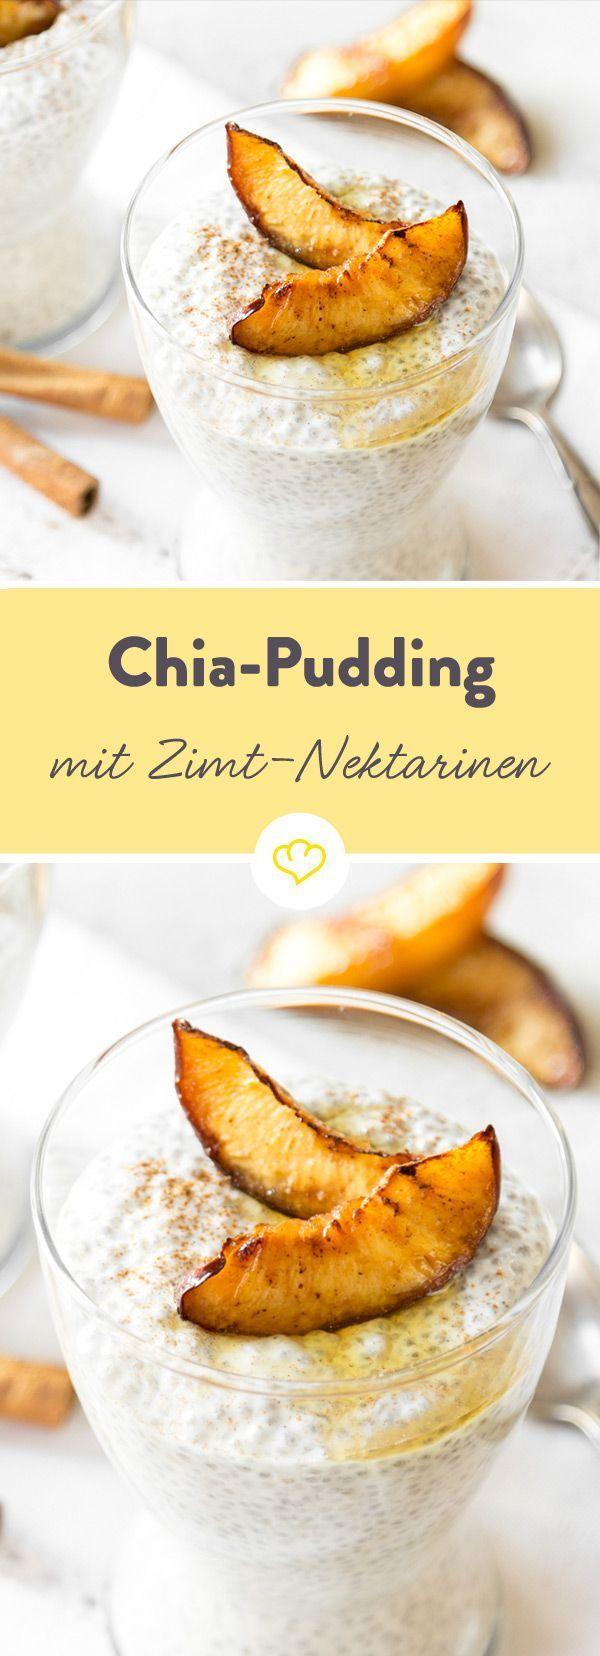 Chia-Pudding mit Mandelmilch und griechischem Joghurt? Gute Idee. Dazu geröstete Zimt-Nektarinen? Noch besser! Dank Ahornsirup karamellisieren sie im Ofen.